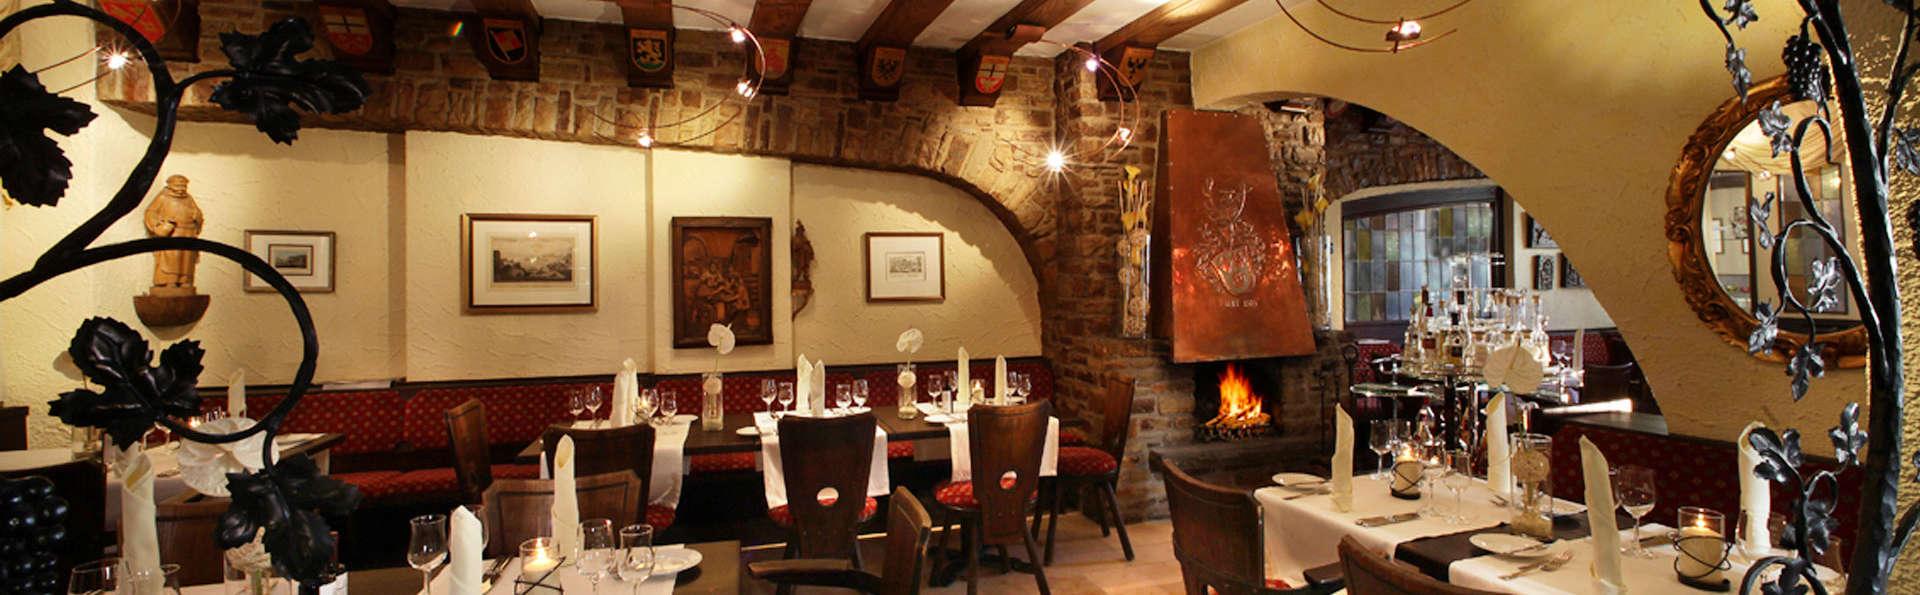 Gastronomía regional y vinos locales en el valle del Rhin